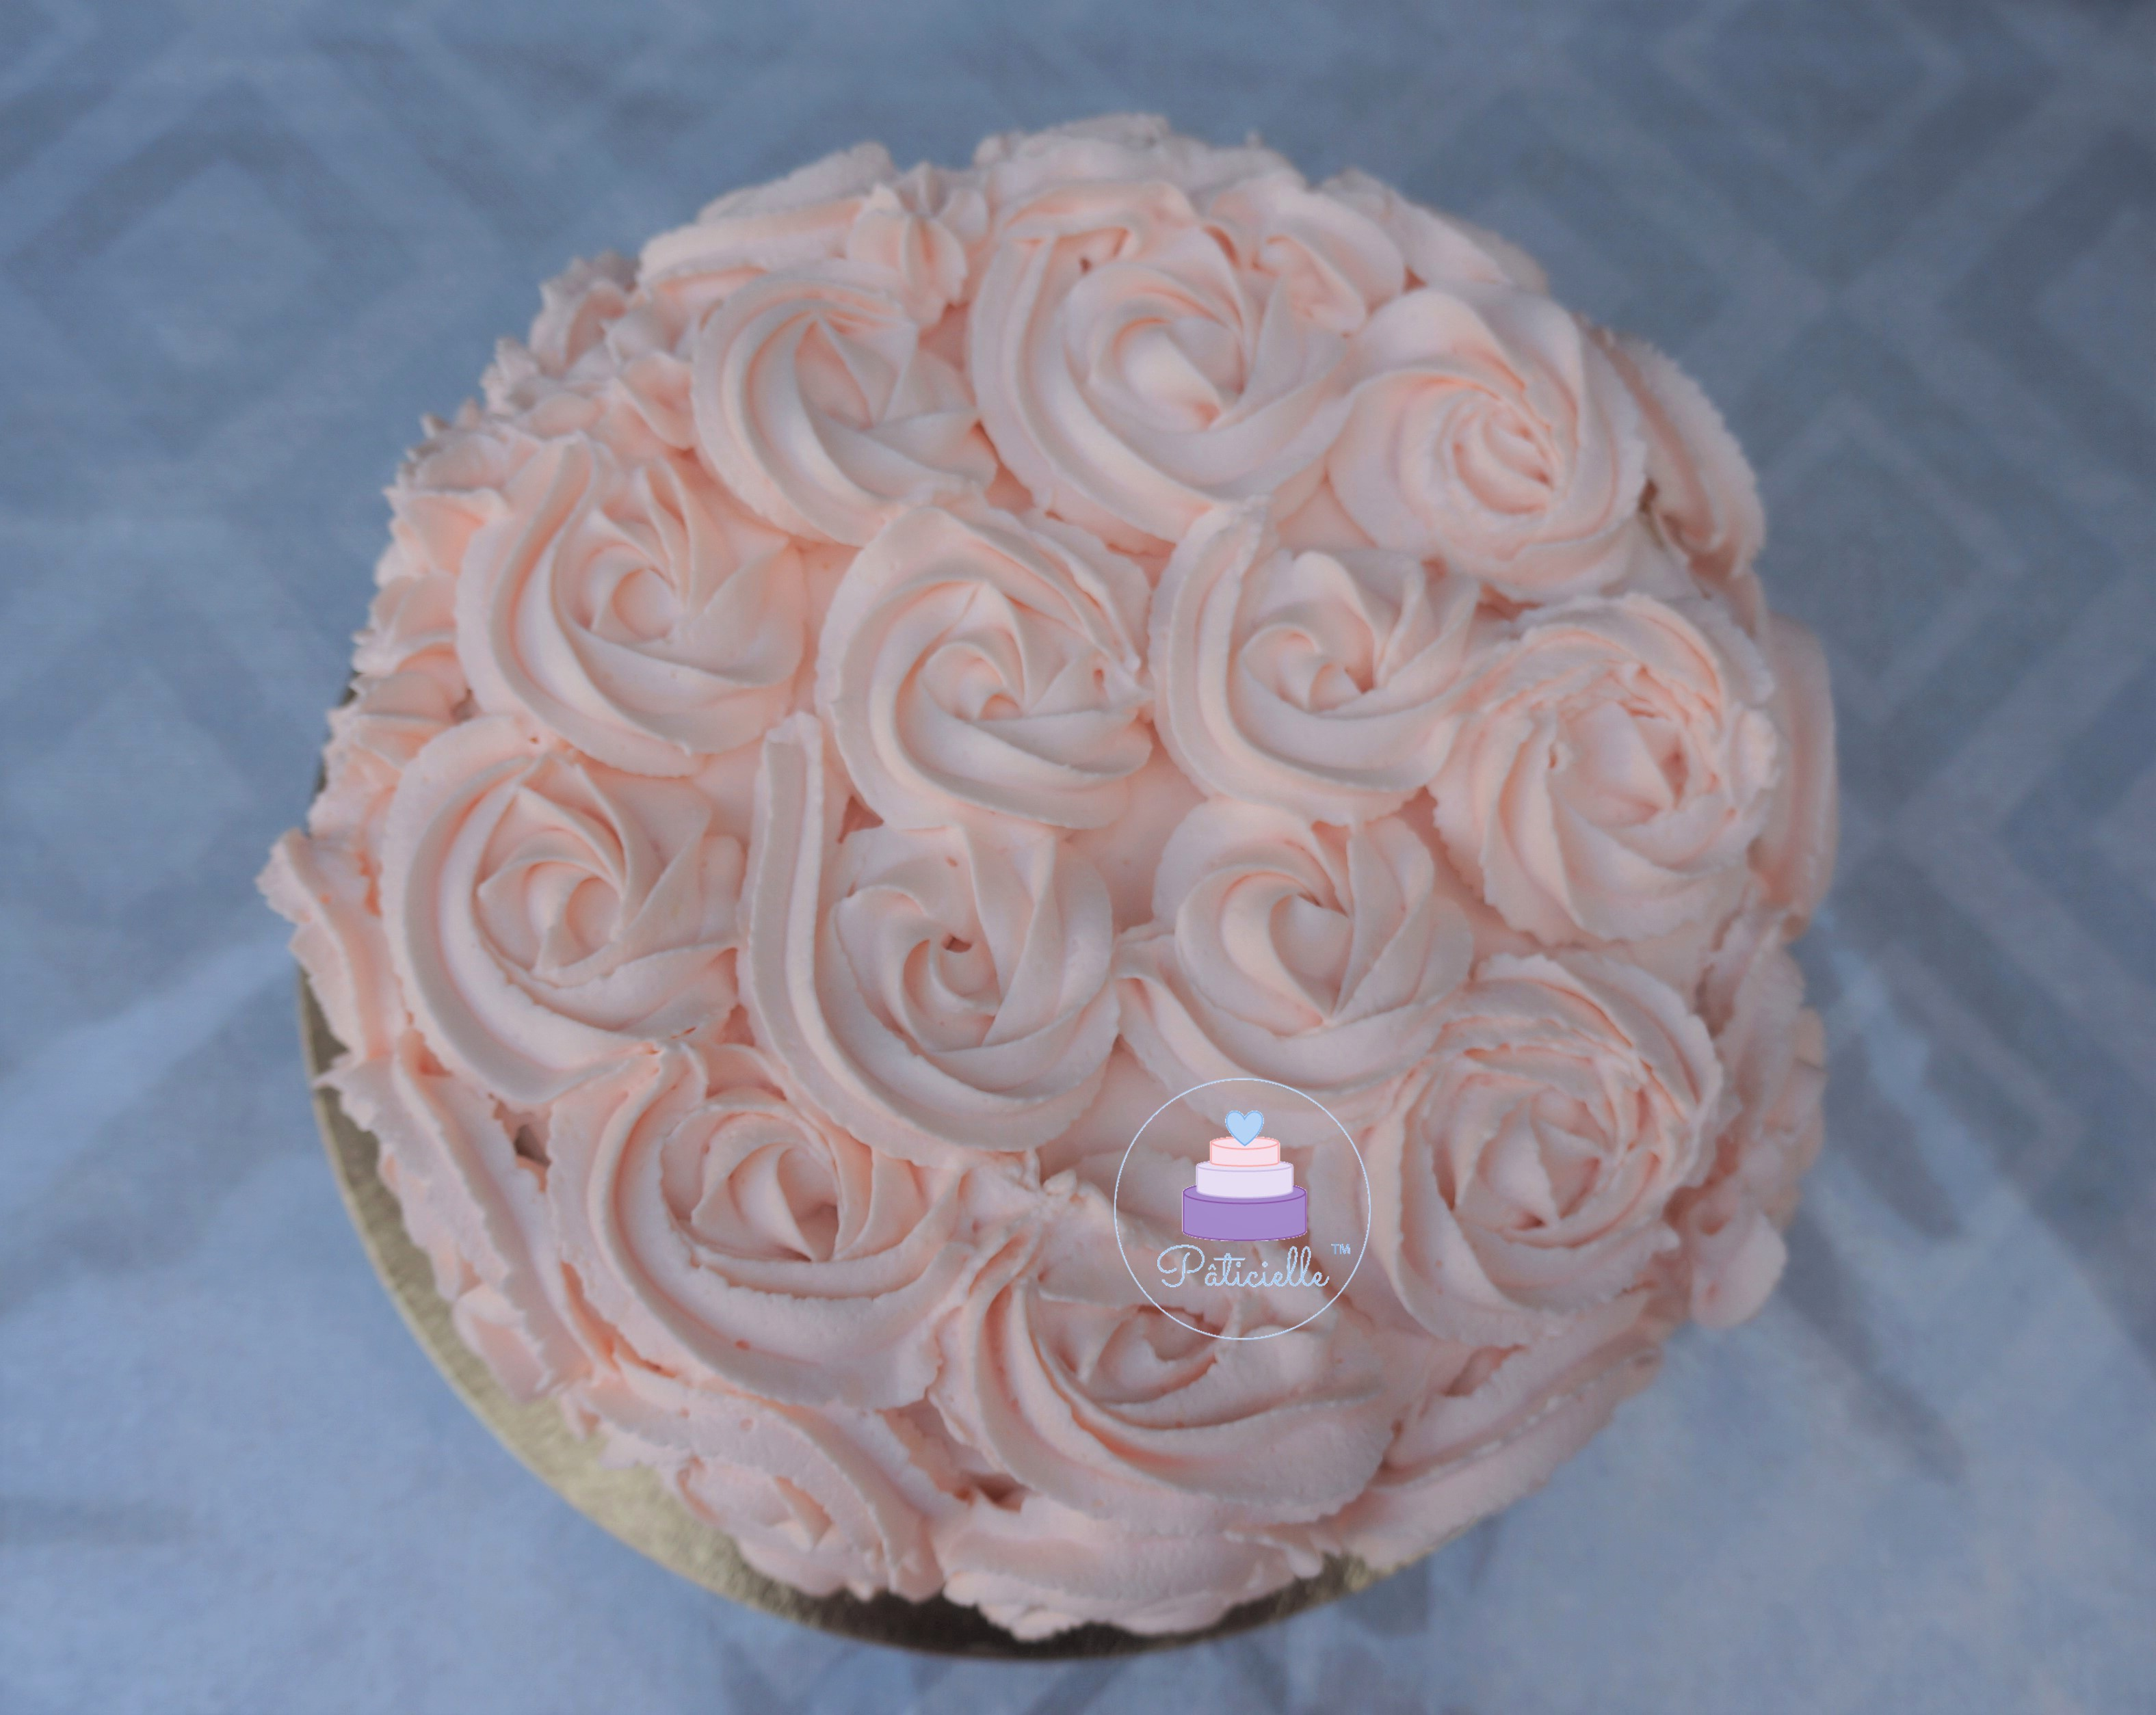 rose-cake